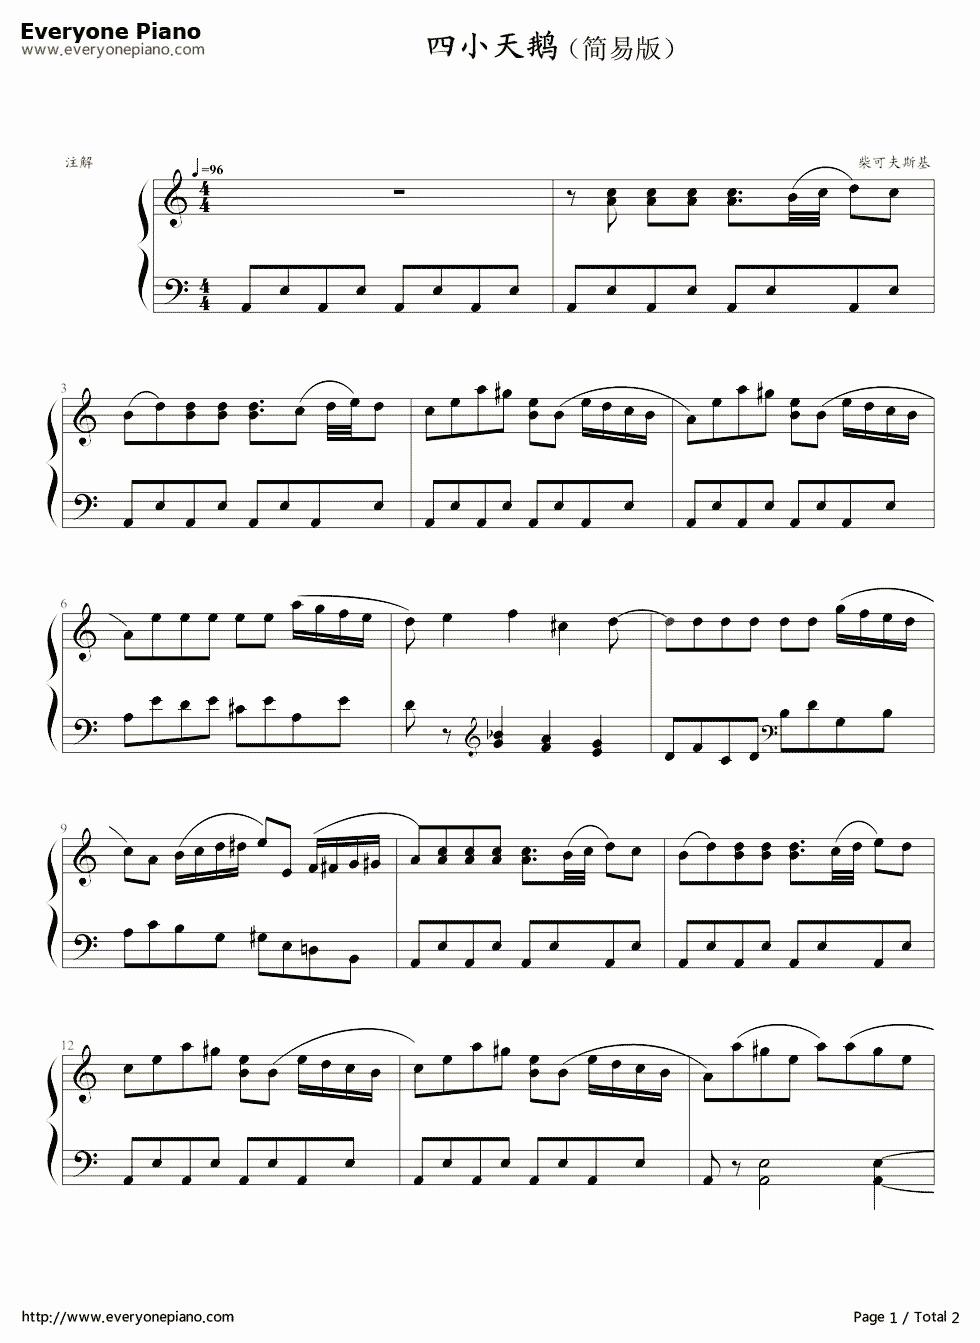 四小天鹅舞曲 四小天鹅 简单版 EOP魔鬼训练营练习曲五线谱预览